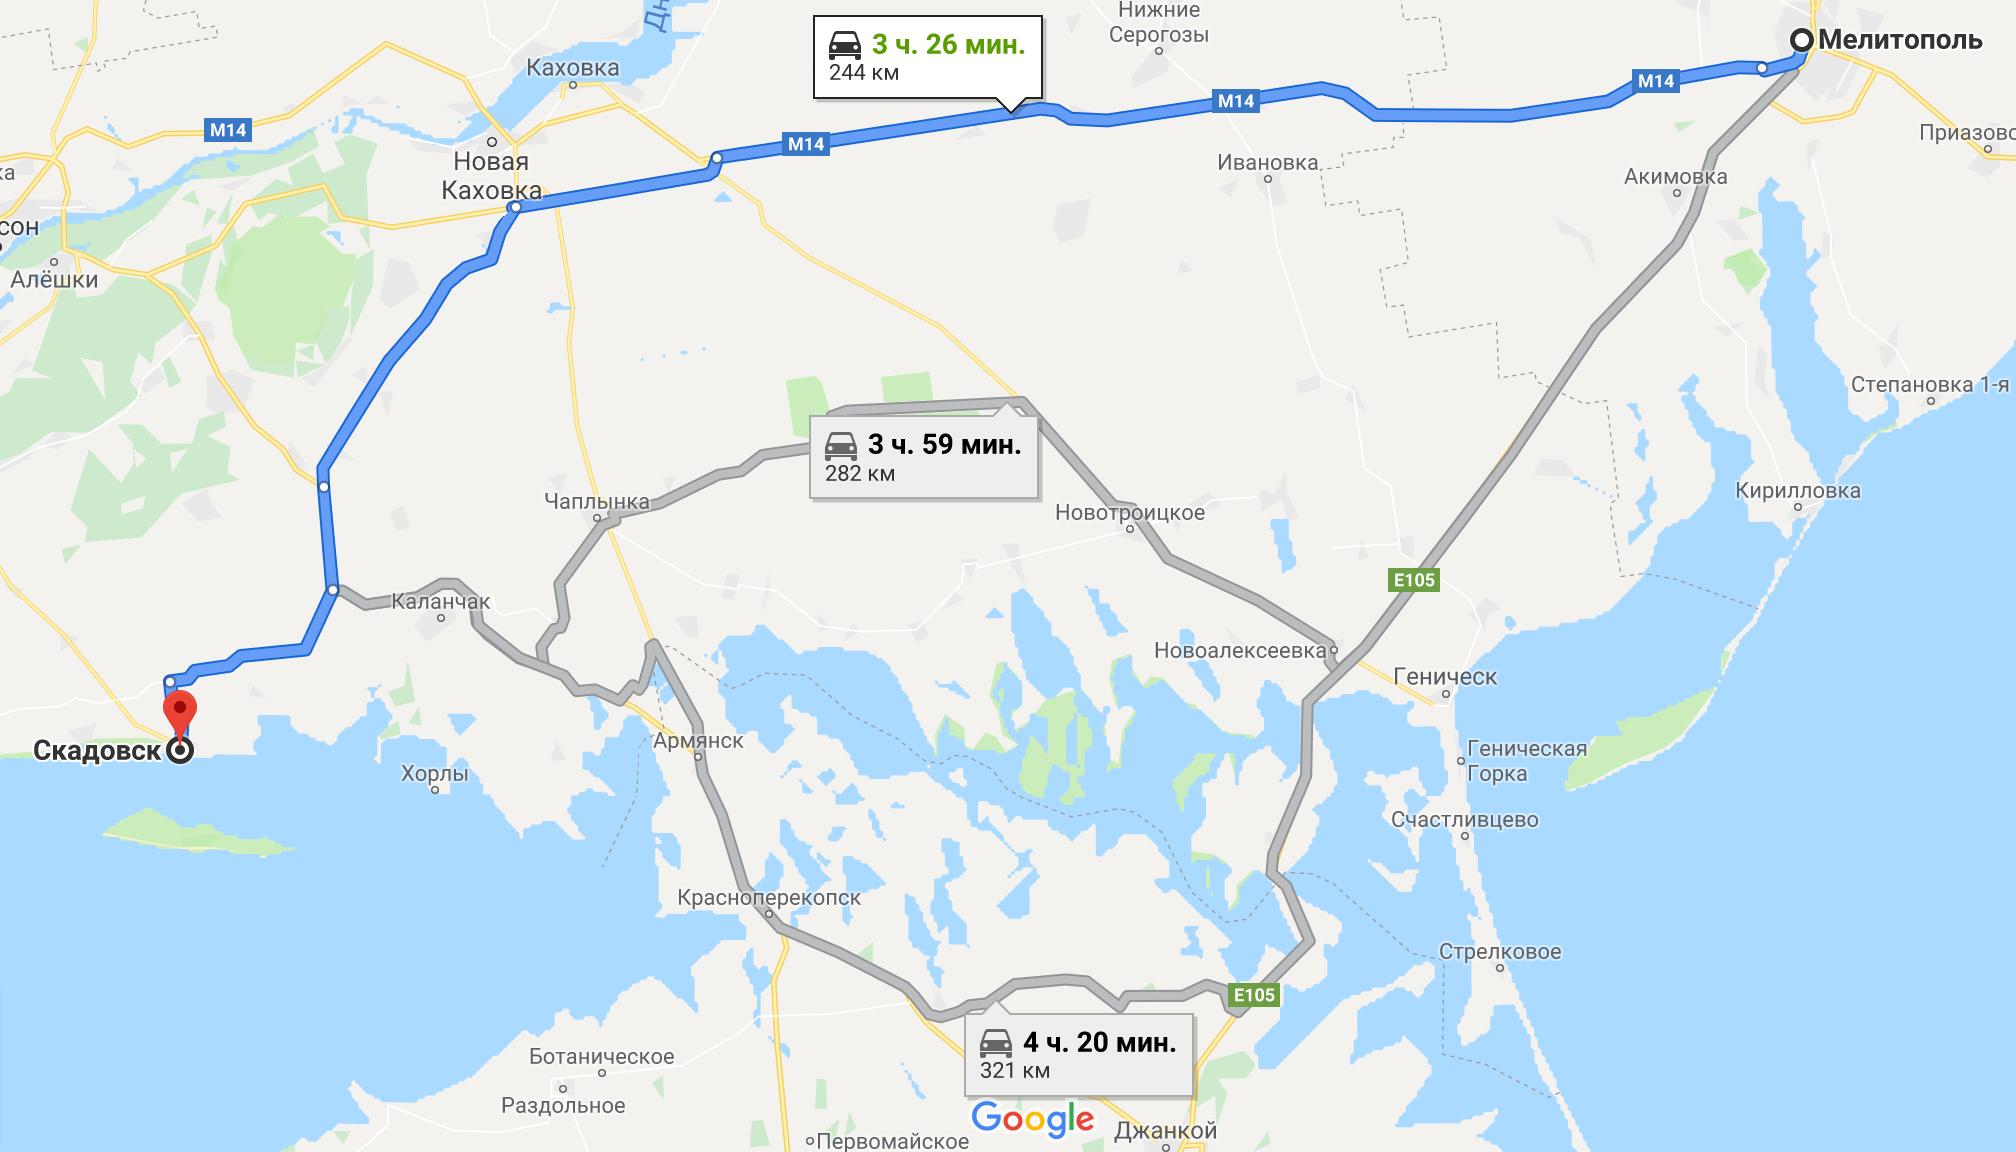 Как добраться до Скадовска на авто из Мелитополя